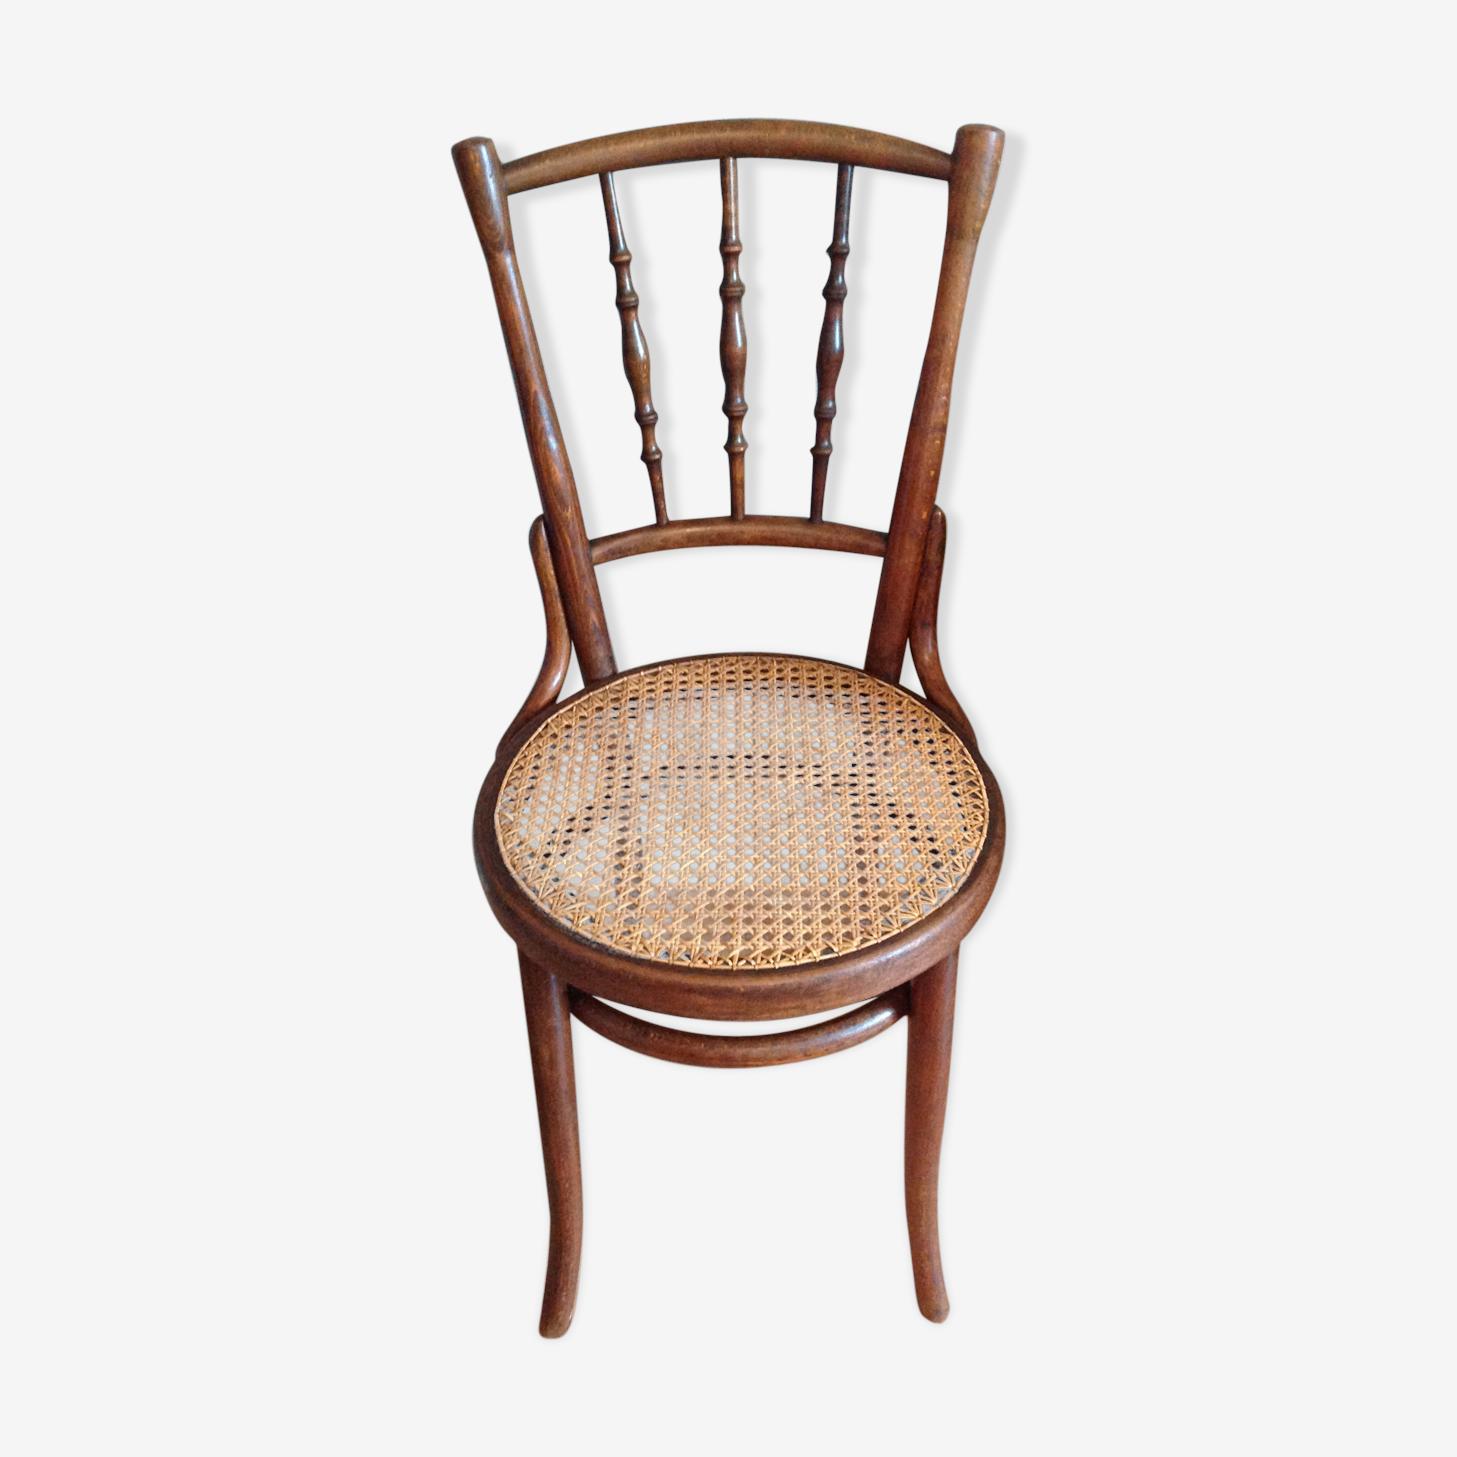 Chaise de bistrot en bois tourné et cannage vintage années 30-40